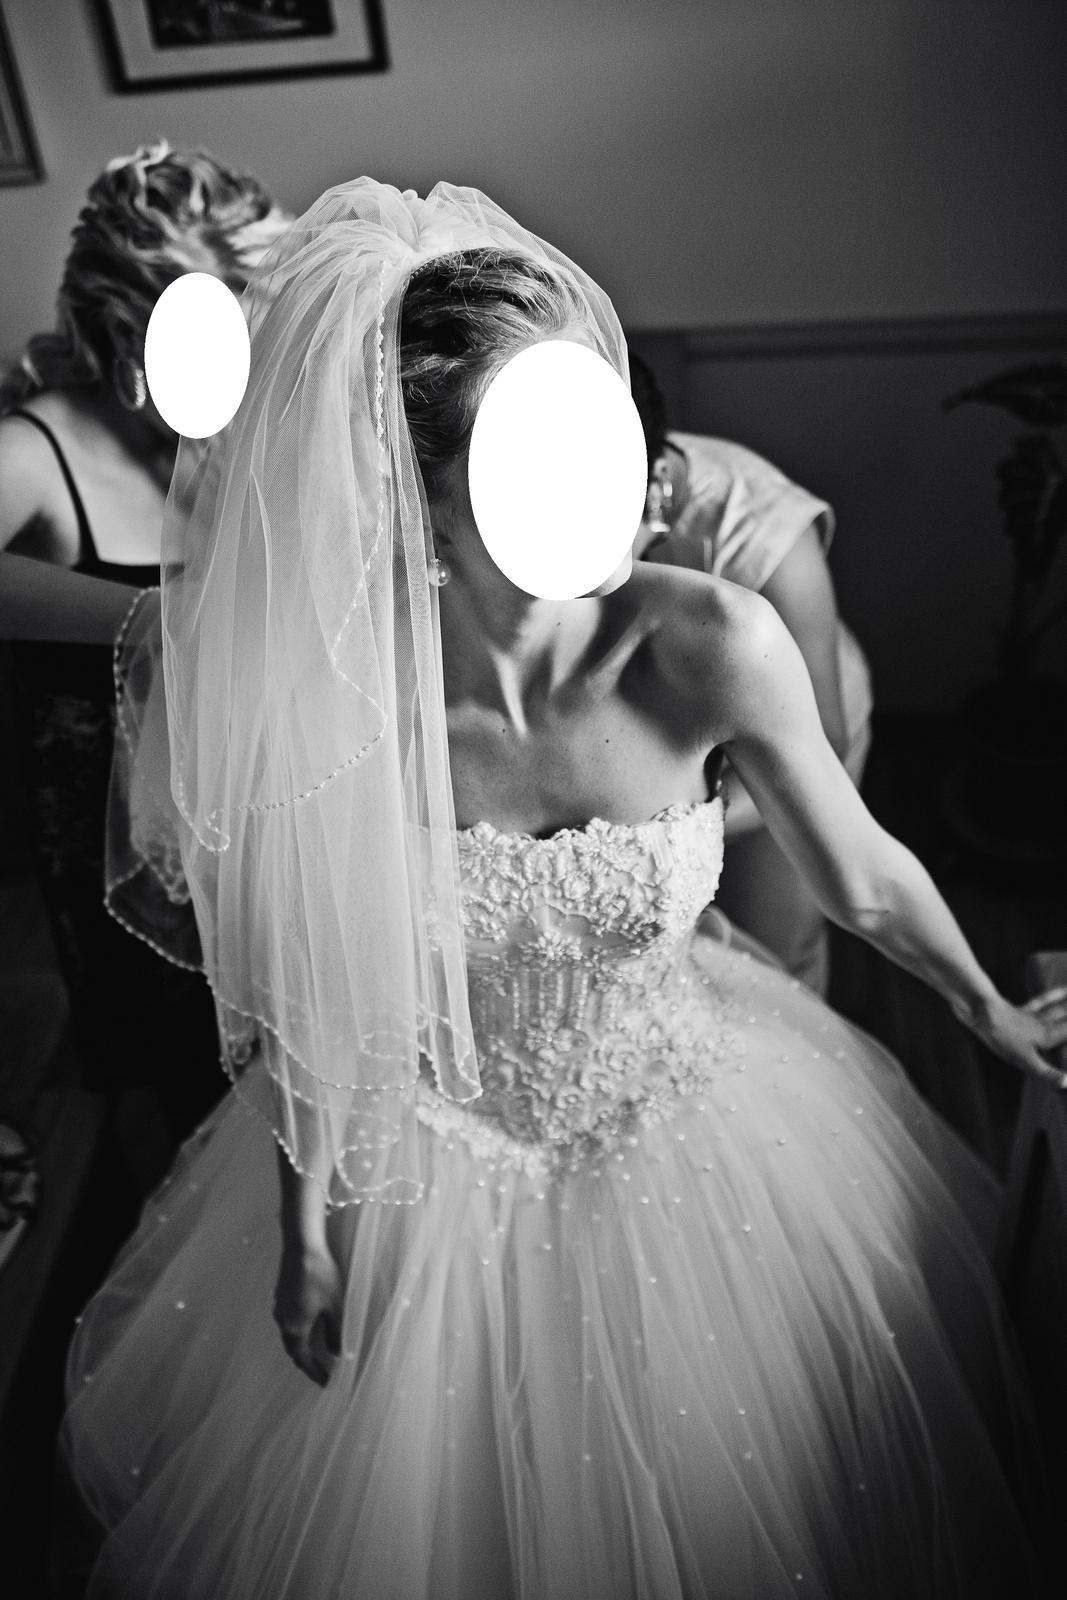 Nadherne svadobne saty (cely set) - Obrázok č. 3